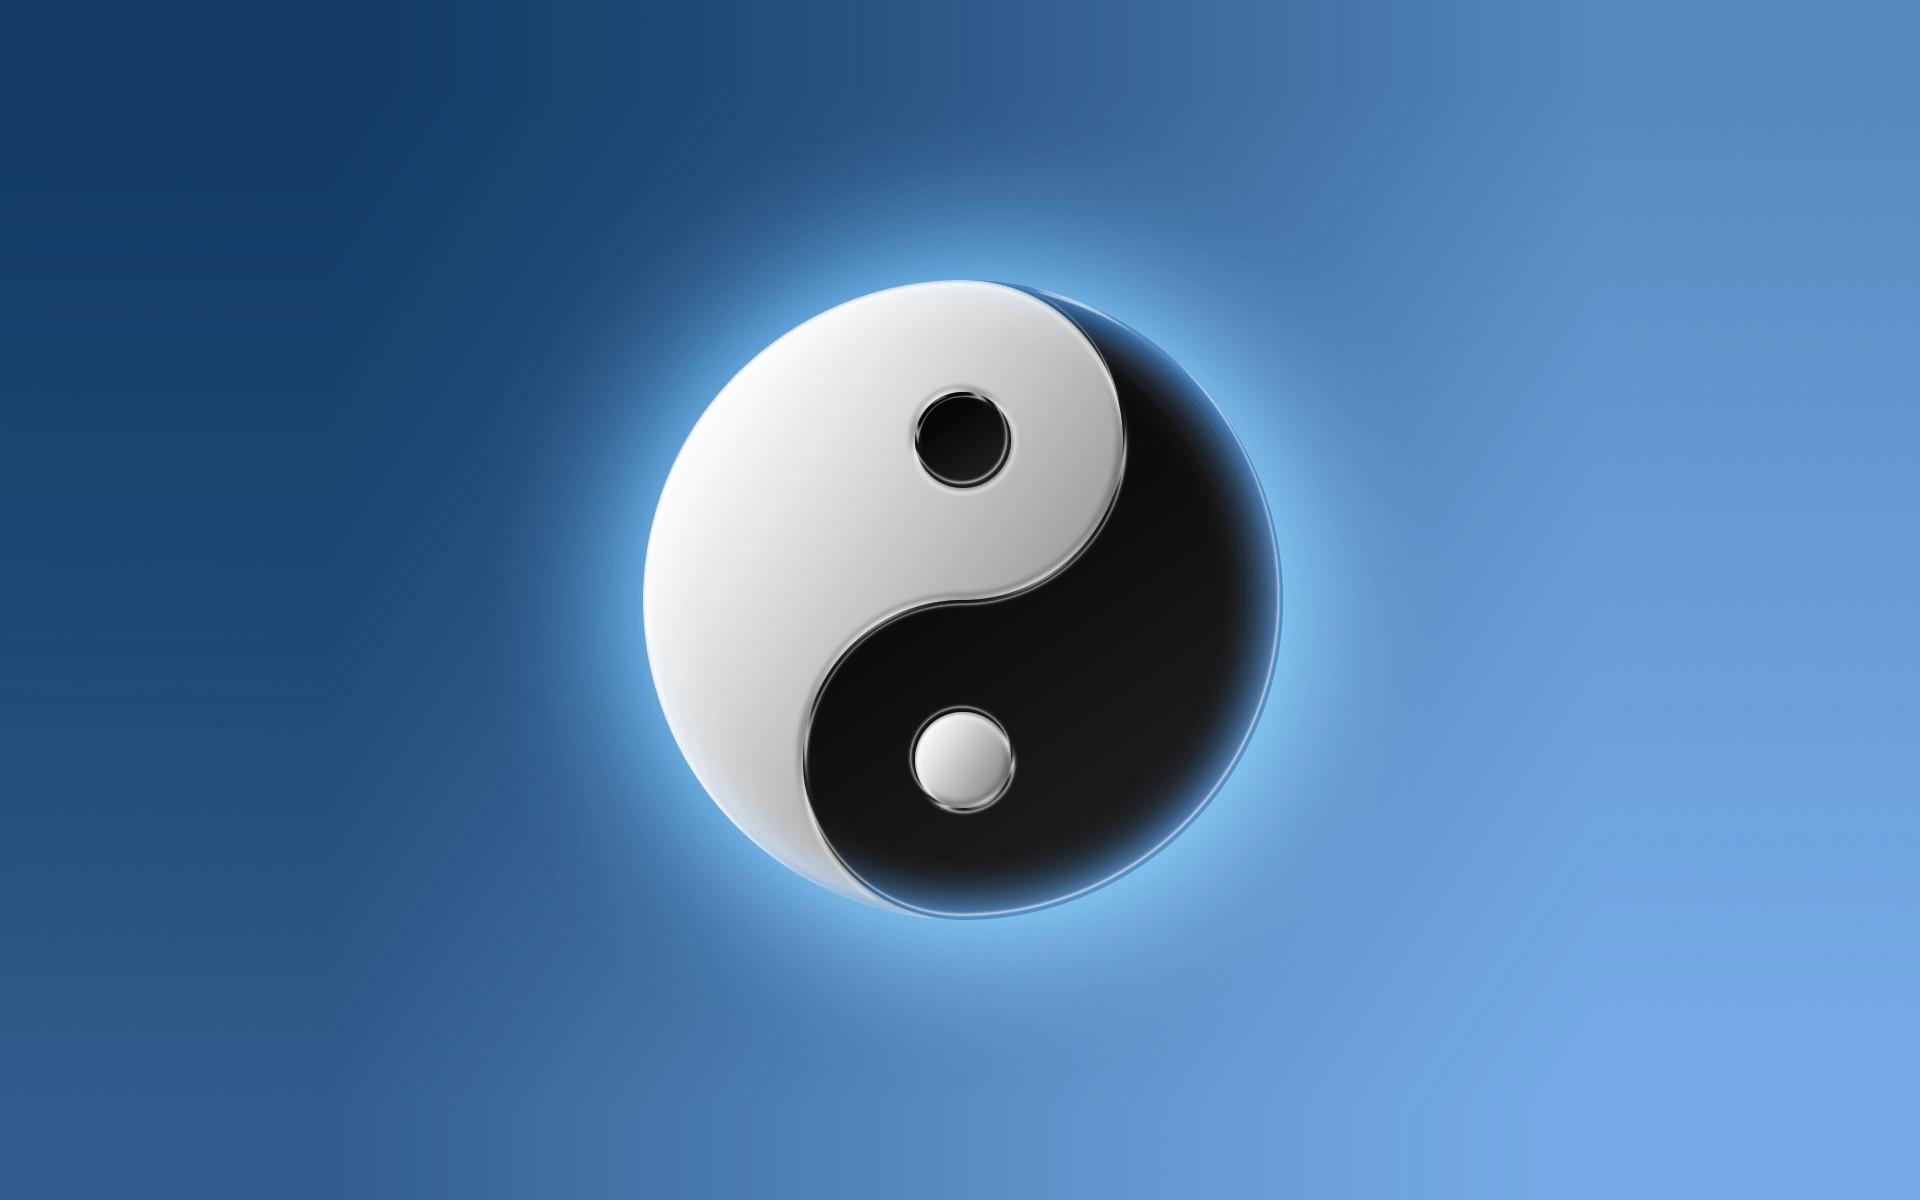 yin yang wallpaper, yin yang logo wallpaper